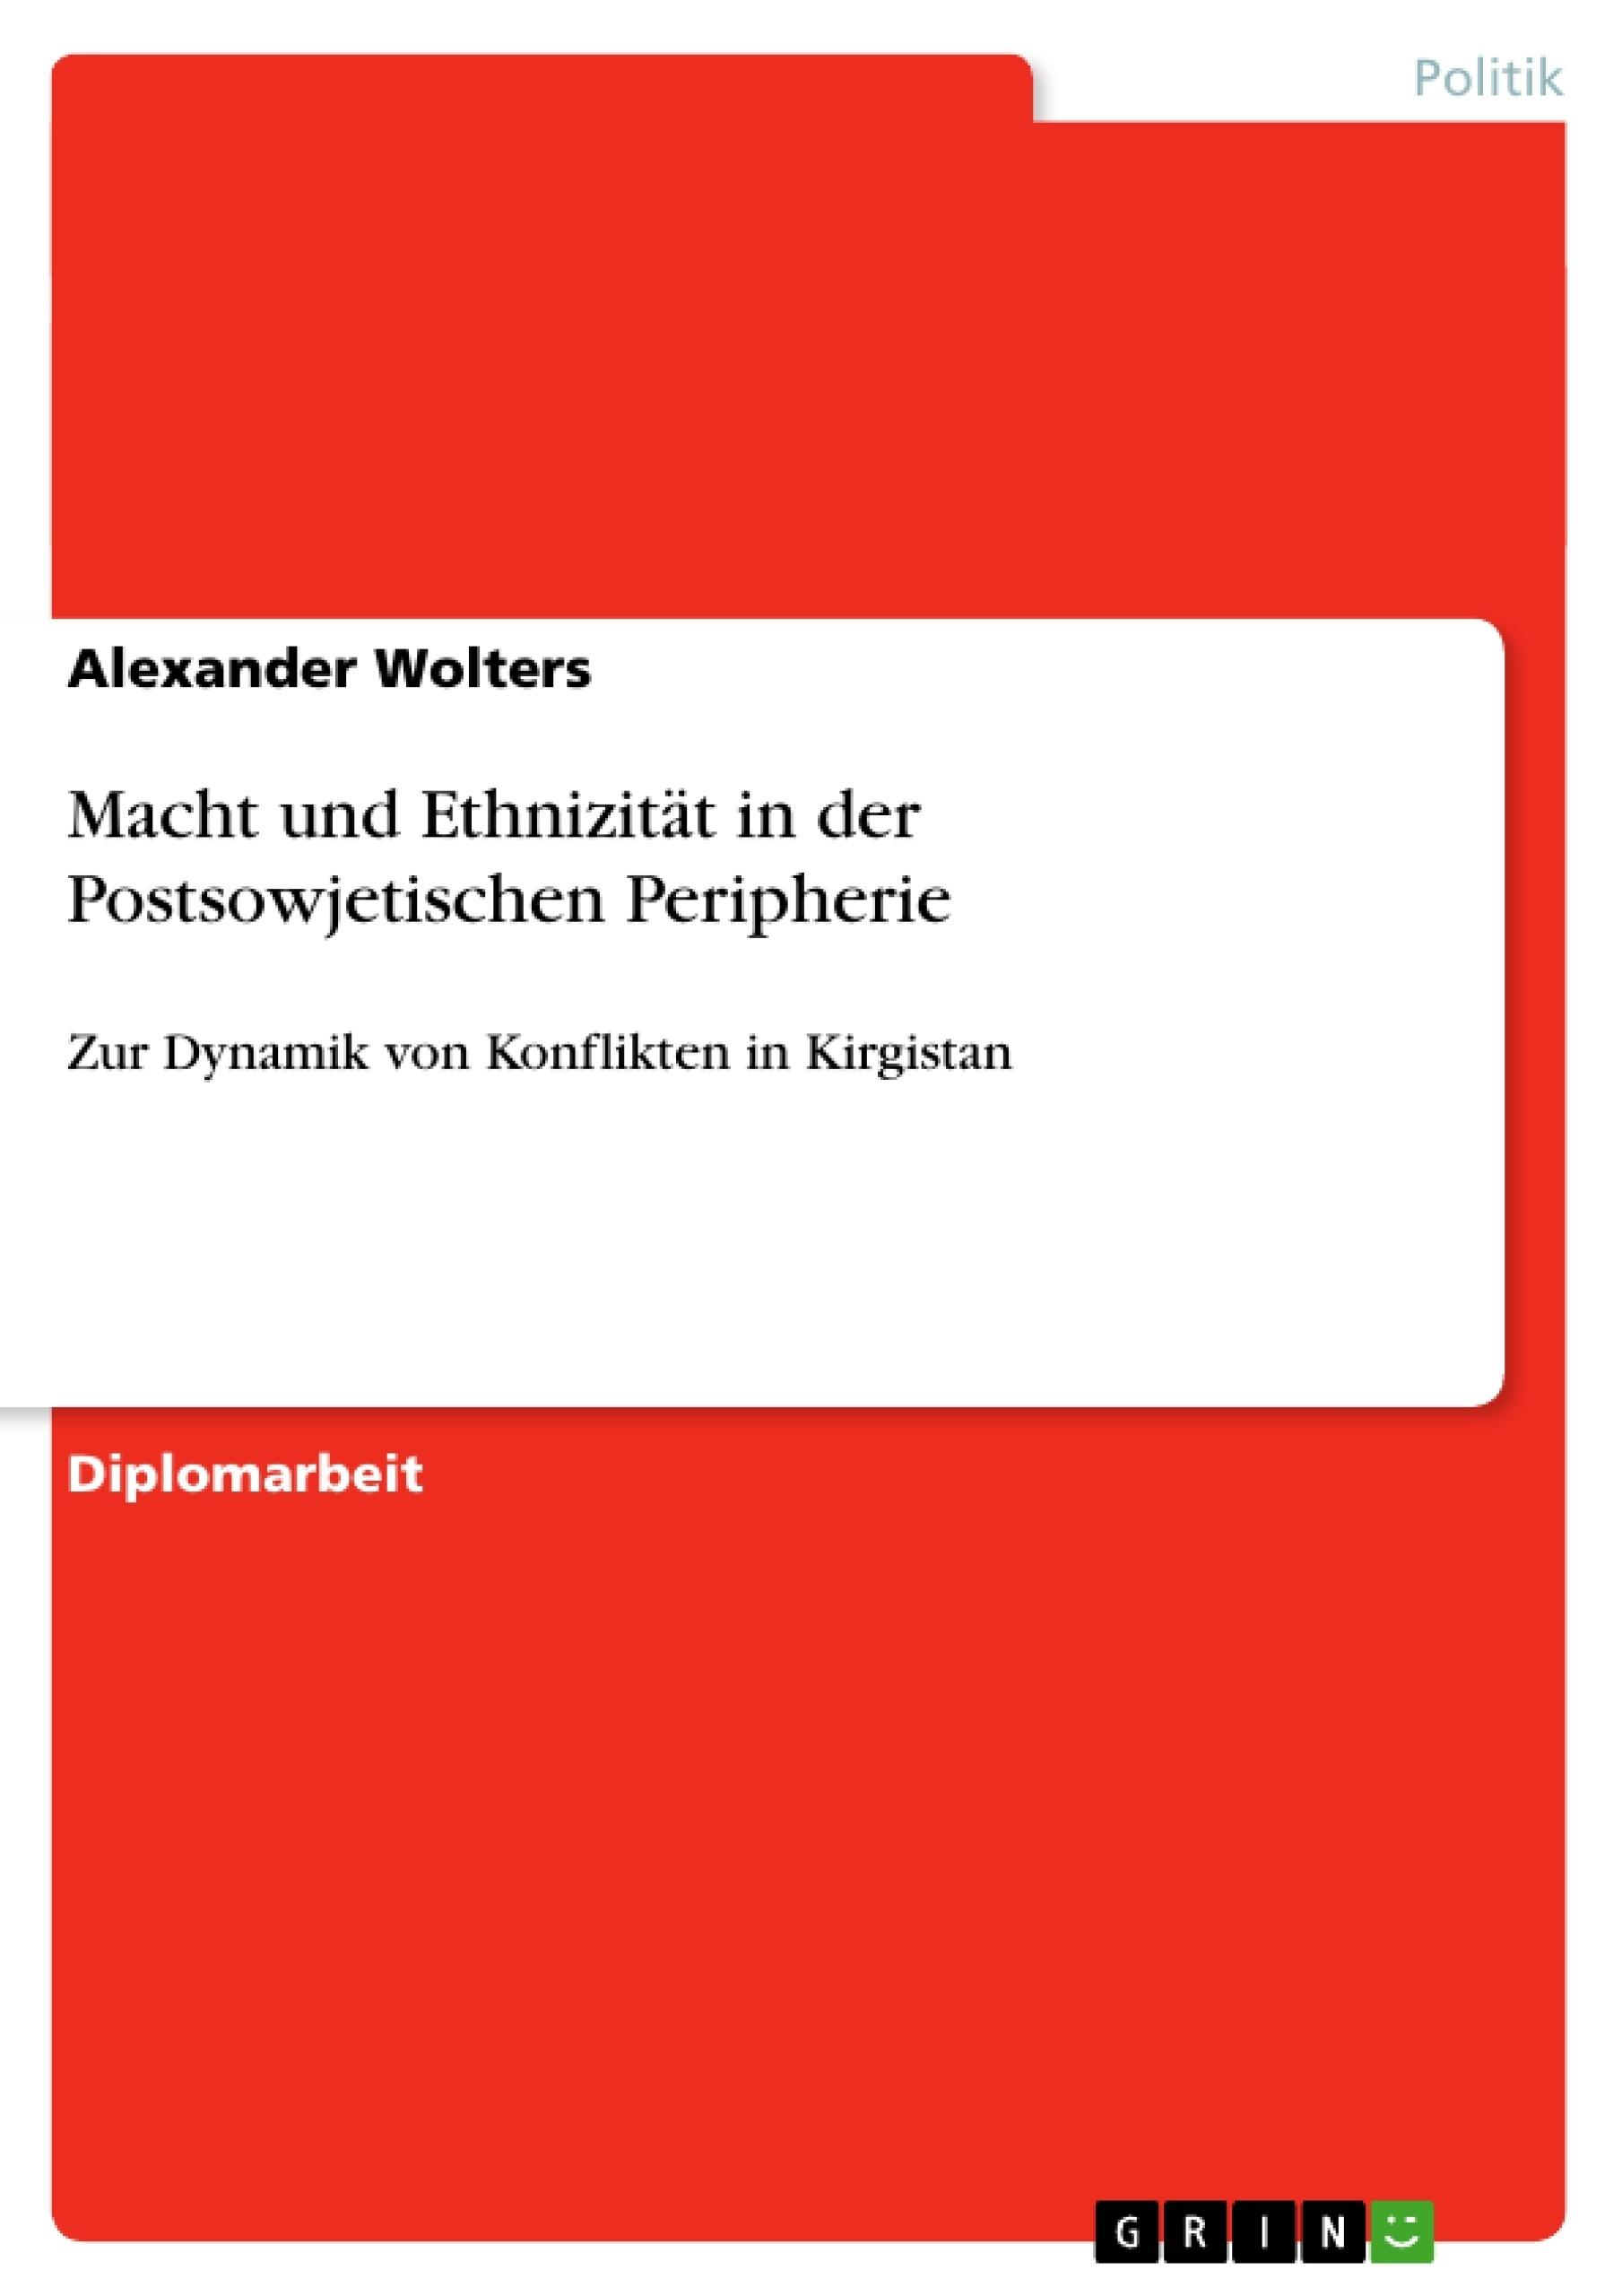 Titel: Macht und Ethnizität in der Postsowjetischen Peripherie